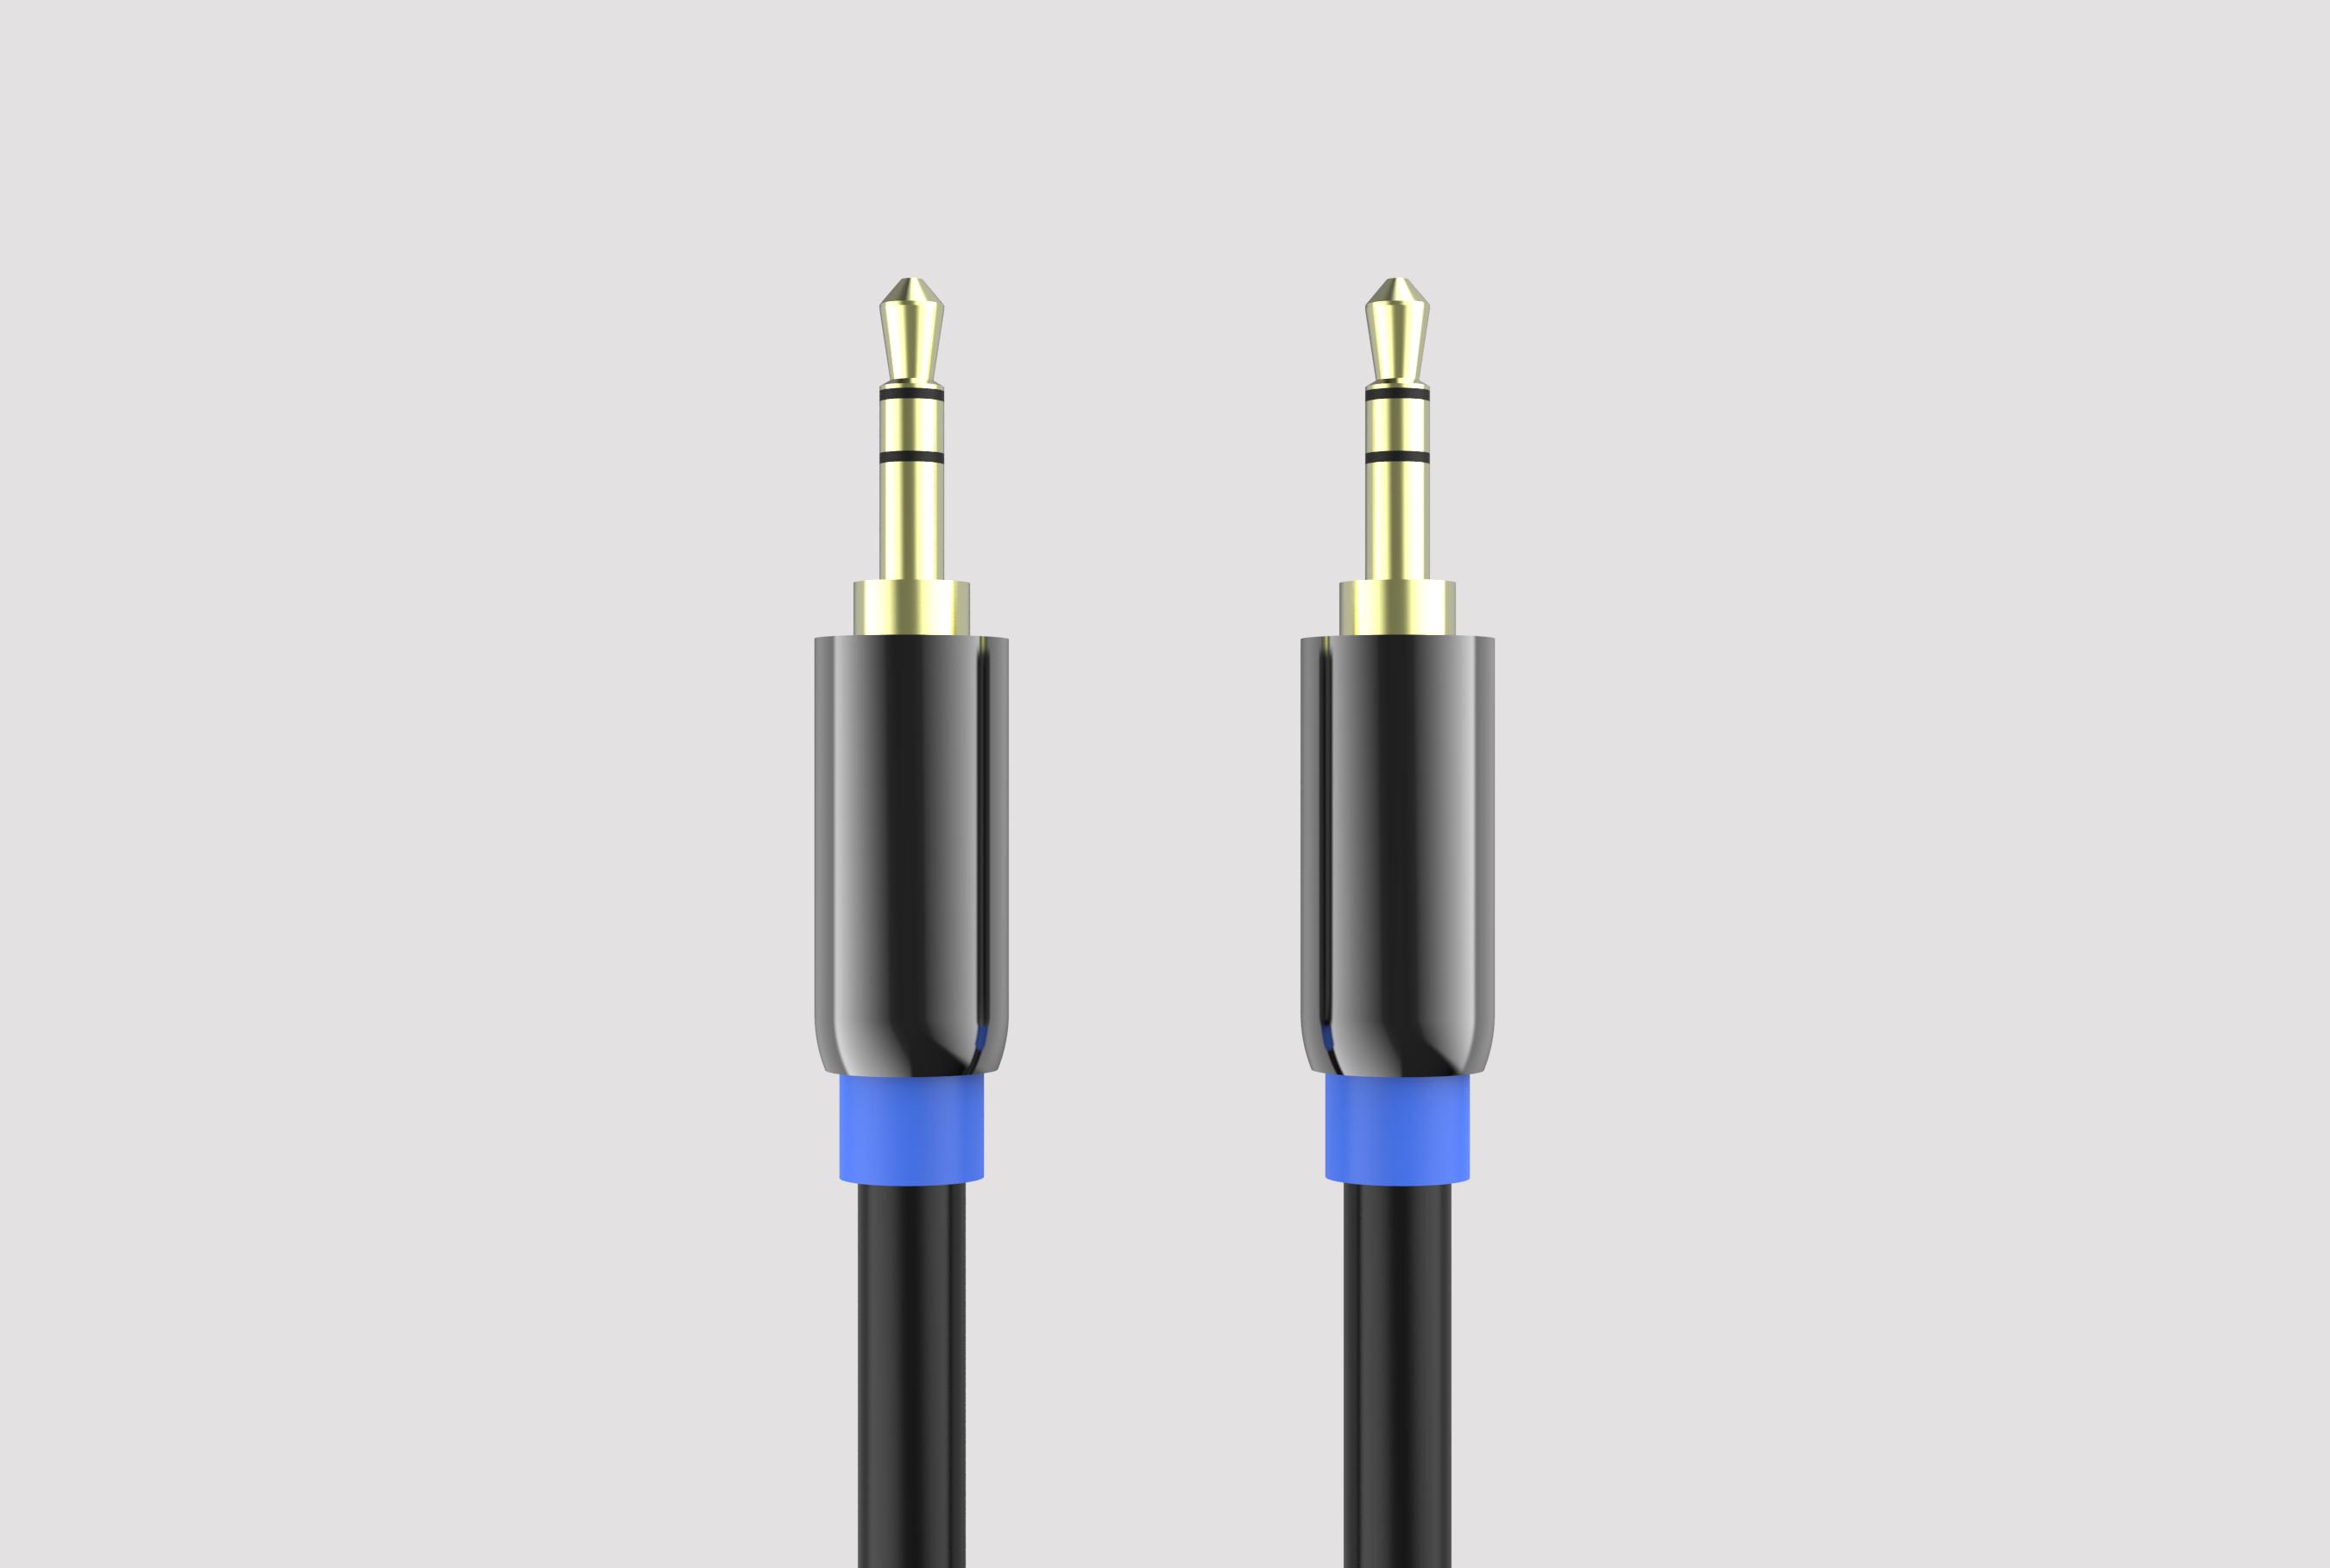 Premium DC 3.5mm Audio Cable